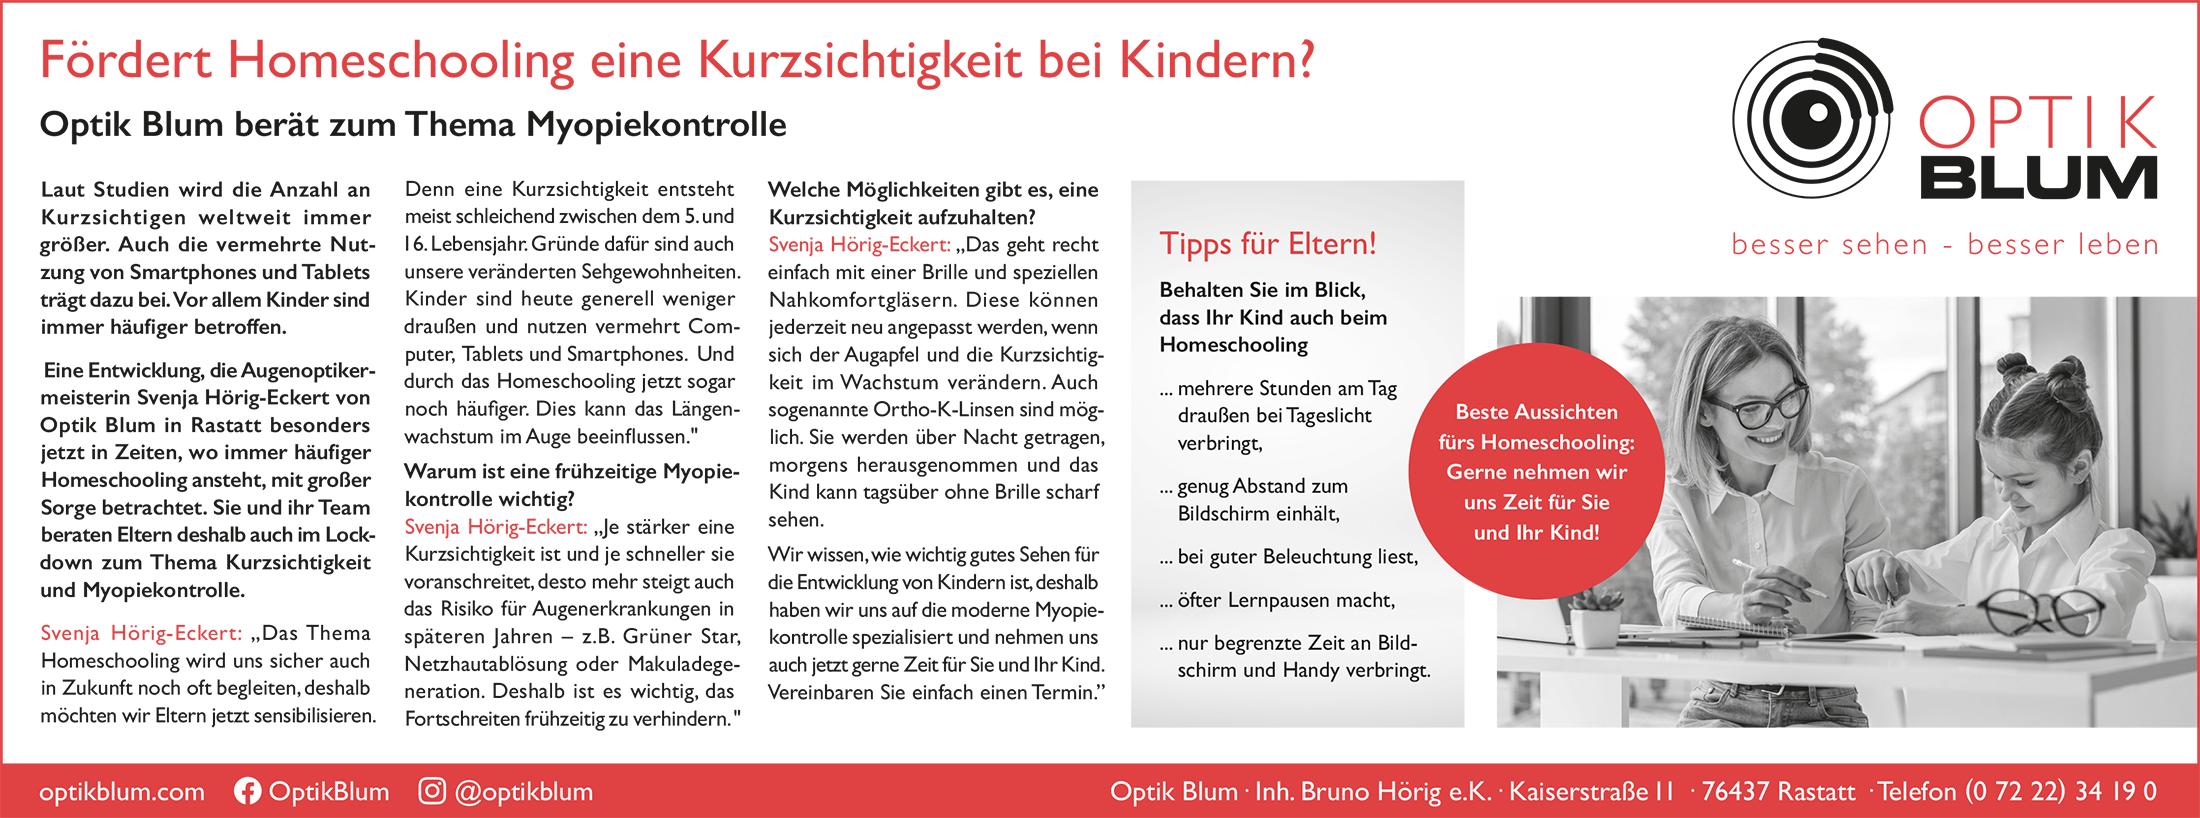 Blum_PR_-Anz_Homeschooling